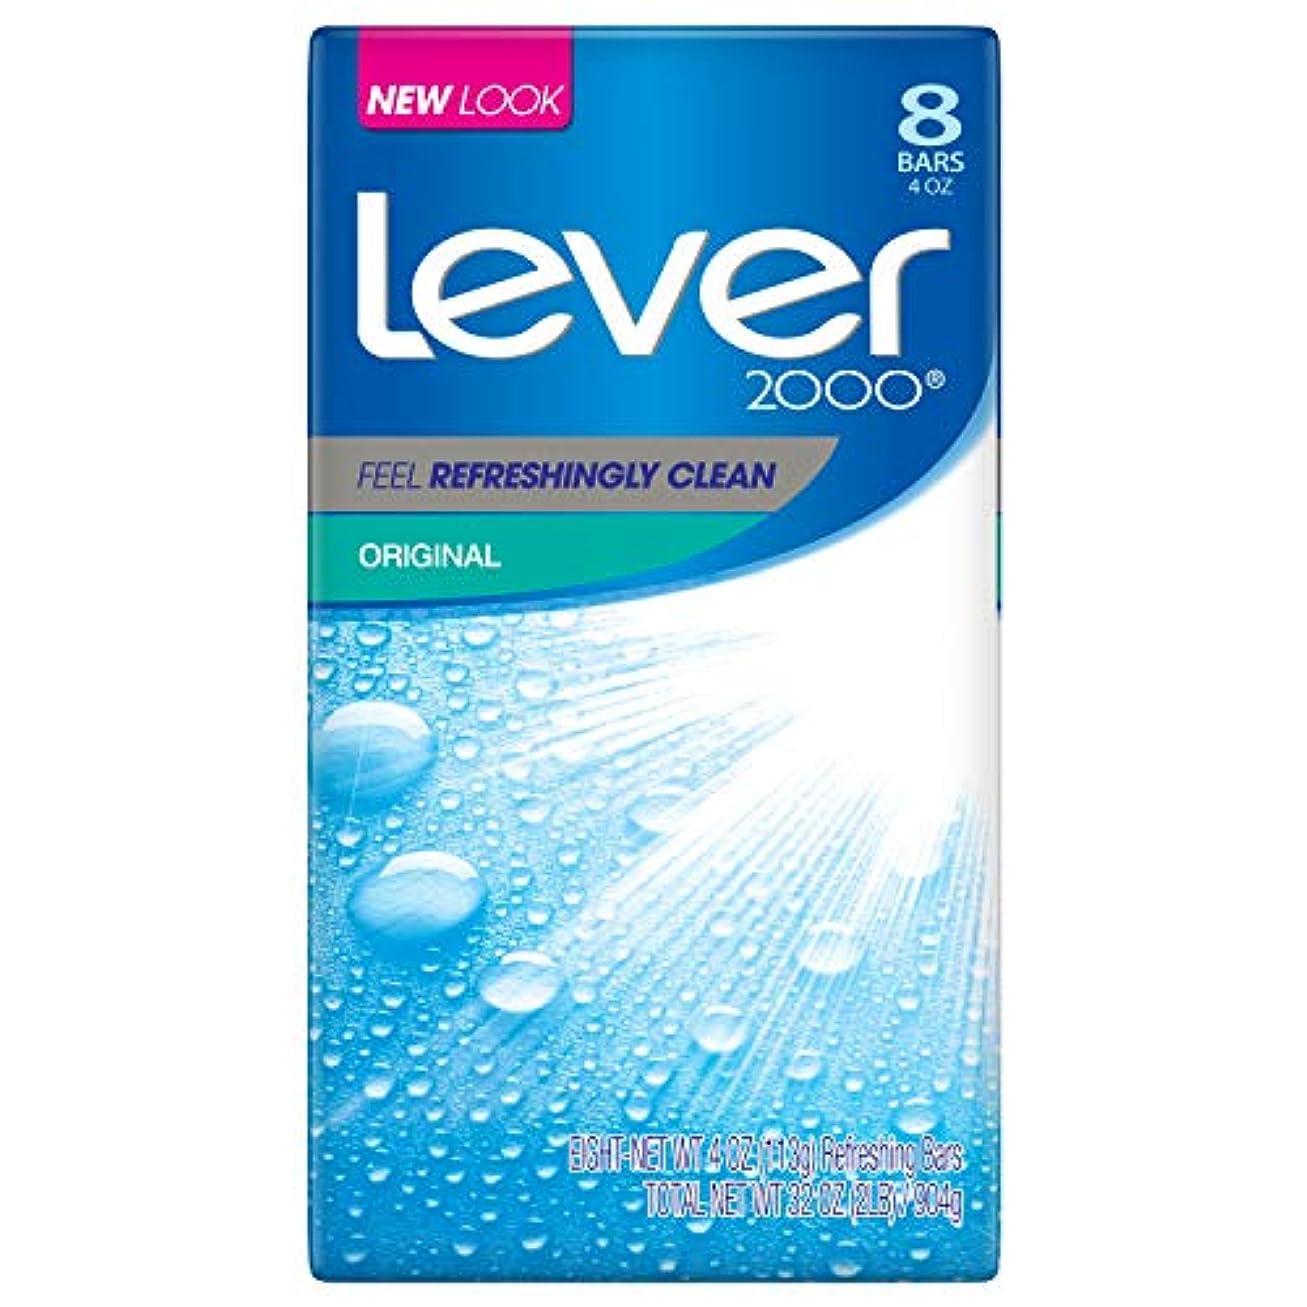 証明する著者反論者Lever 2000 石鹸、オリジナル4オズ、8バー